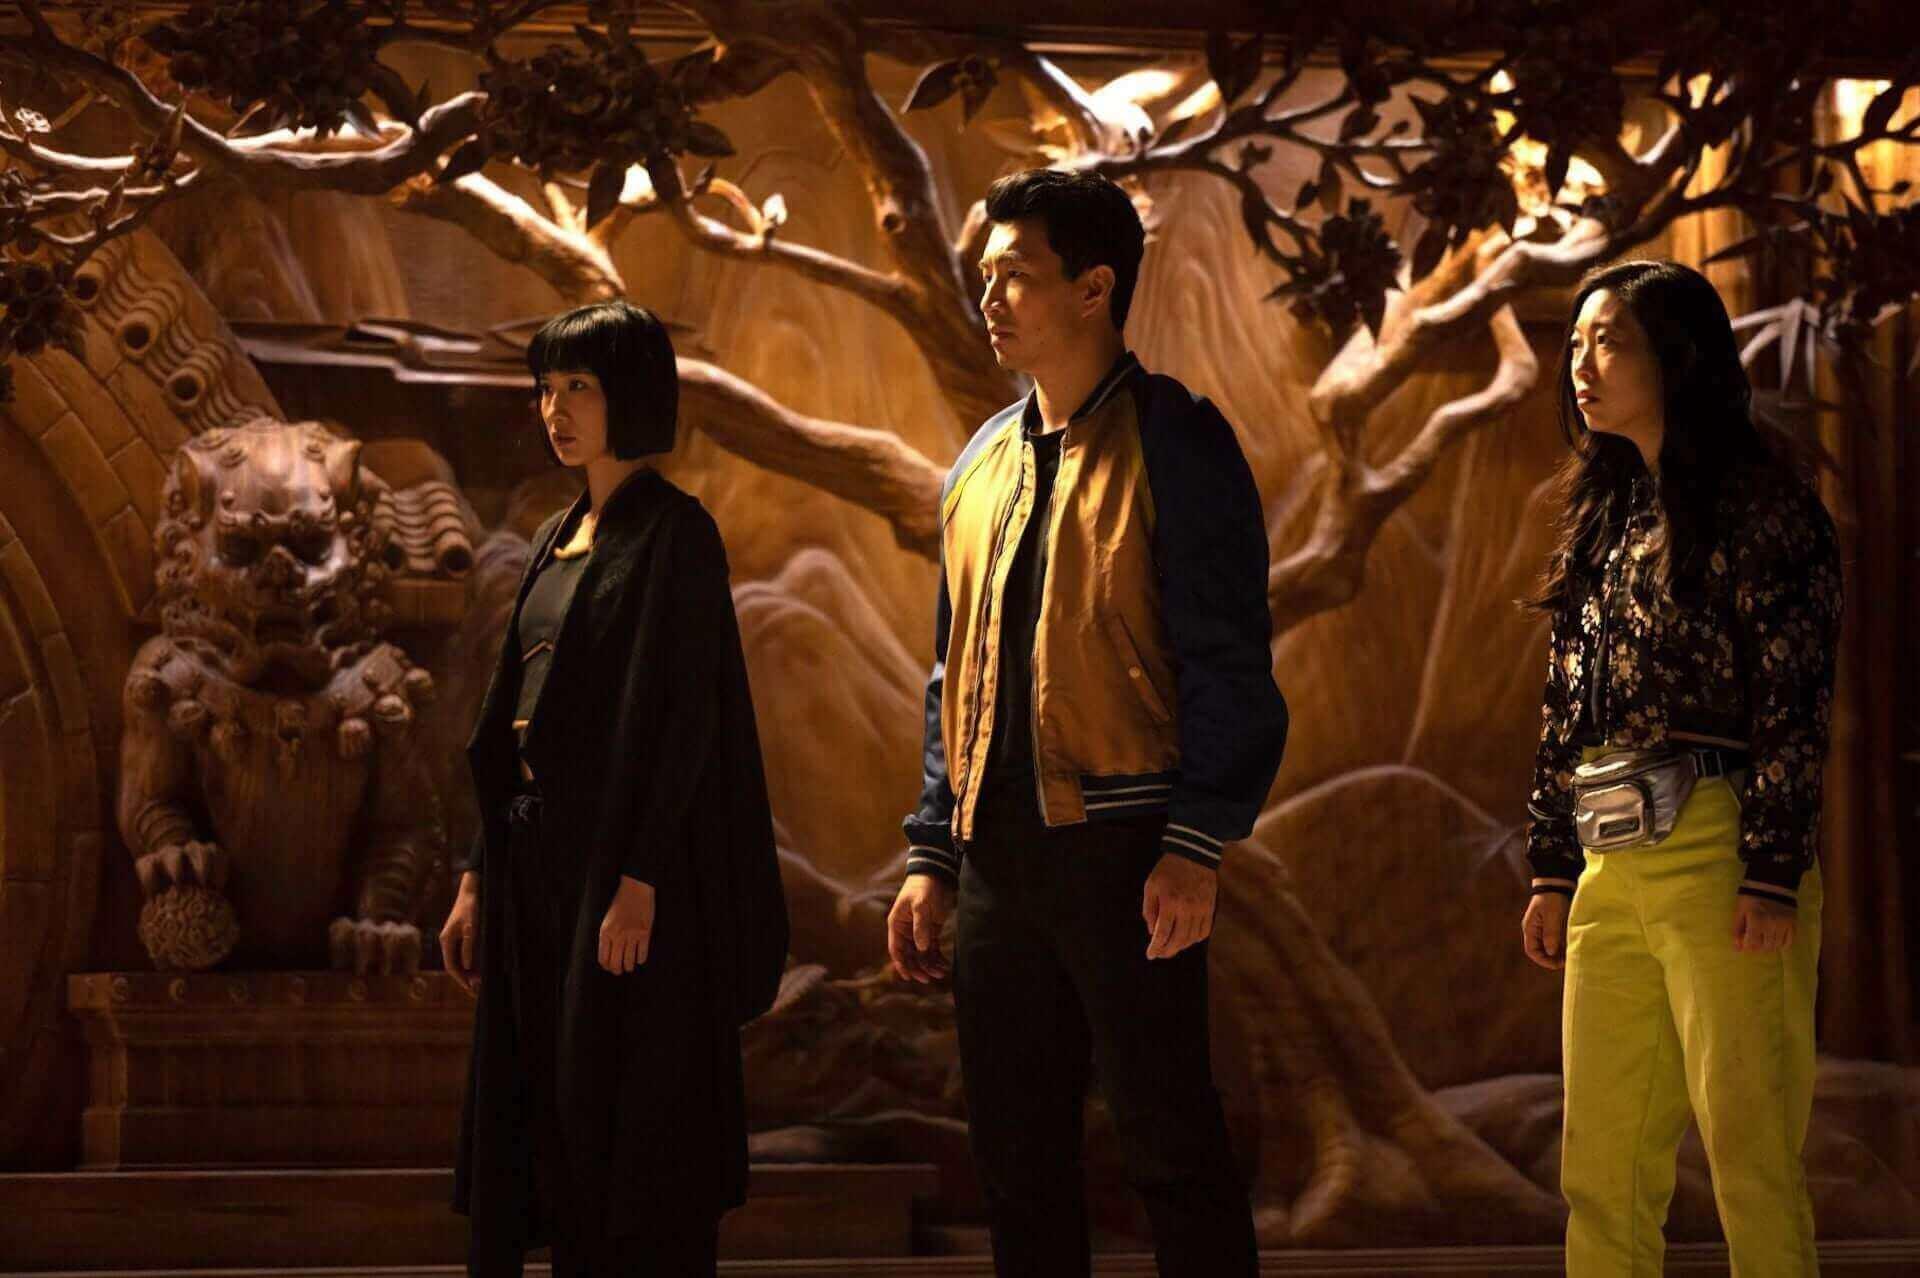 マーベル・スタジオの新ヒーローに世界中が大注目!『シャン・チー/テン・リングスの伝説』が2週連続全世界興収No.1を記録 film210913_shang_chi_3